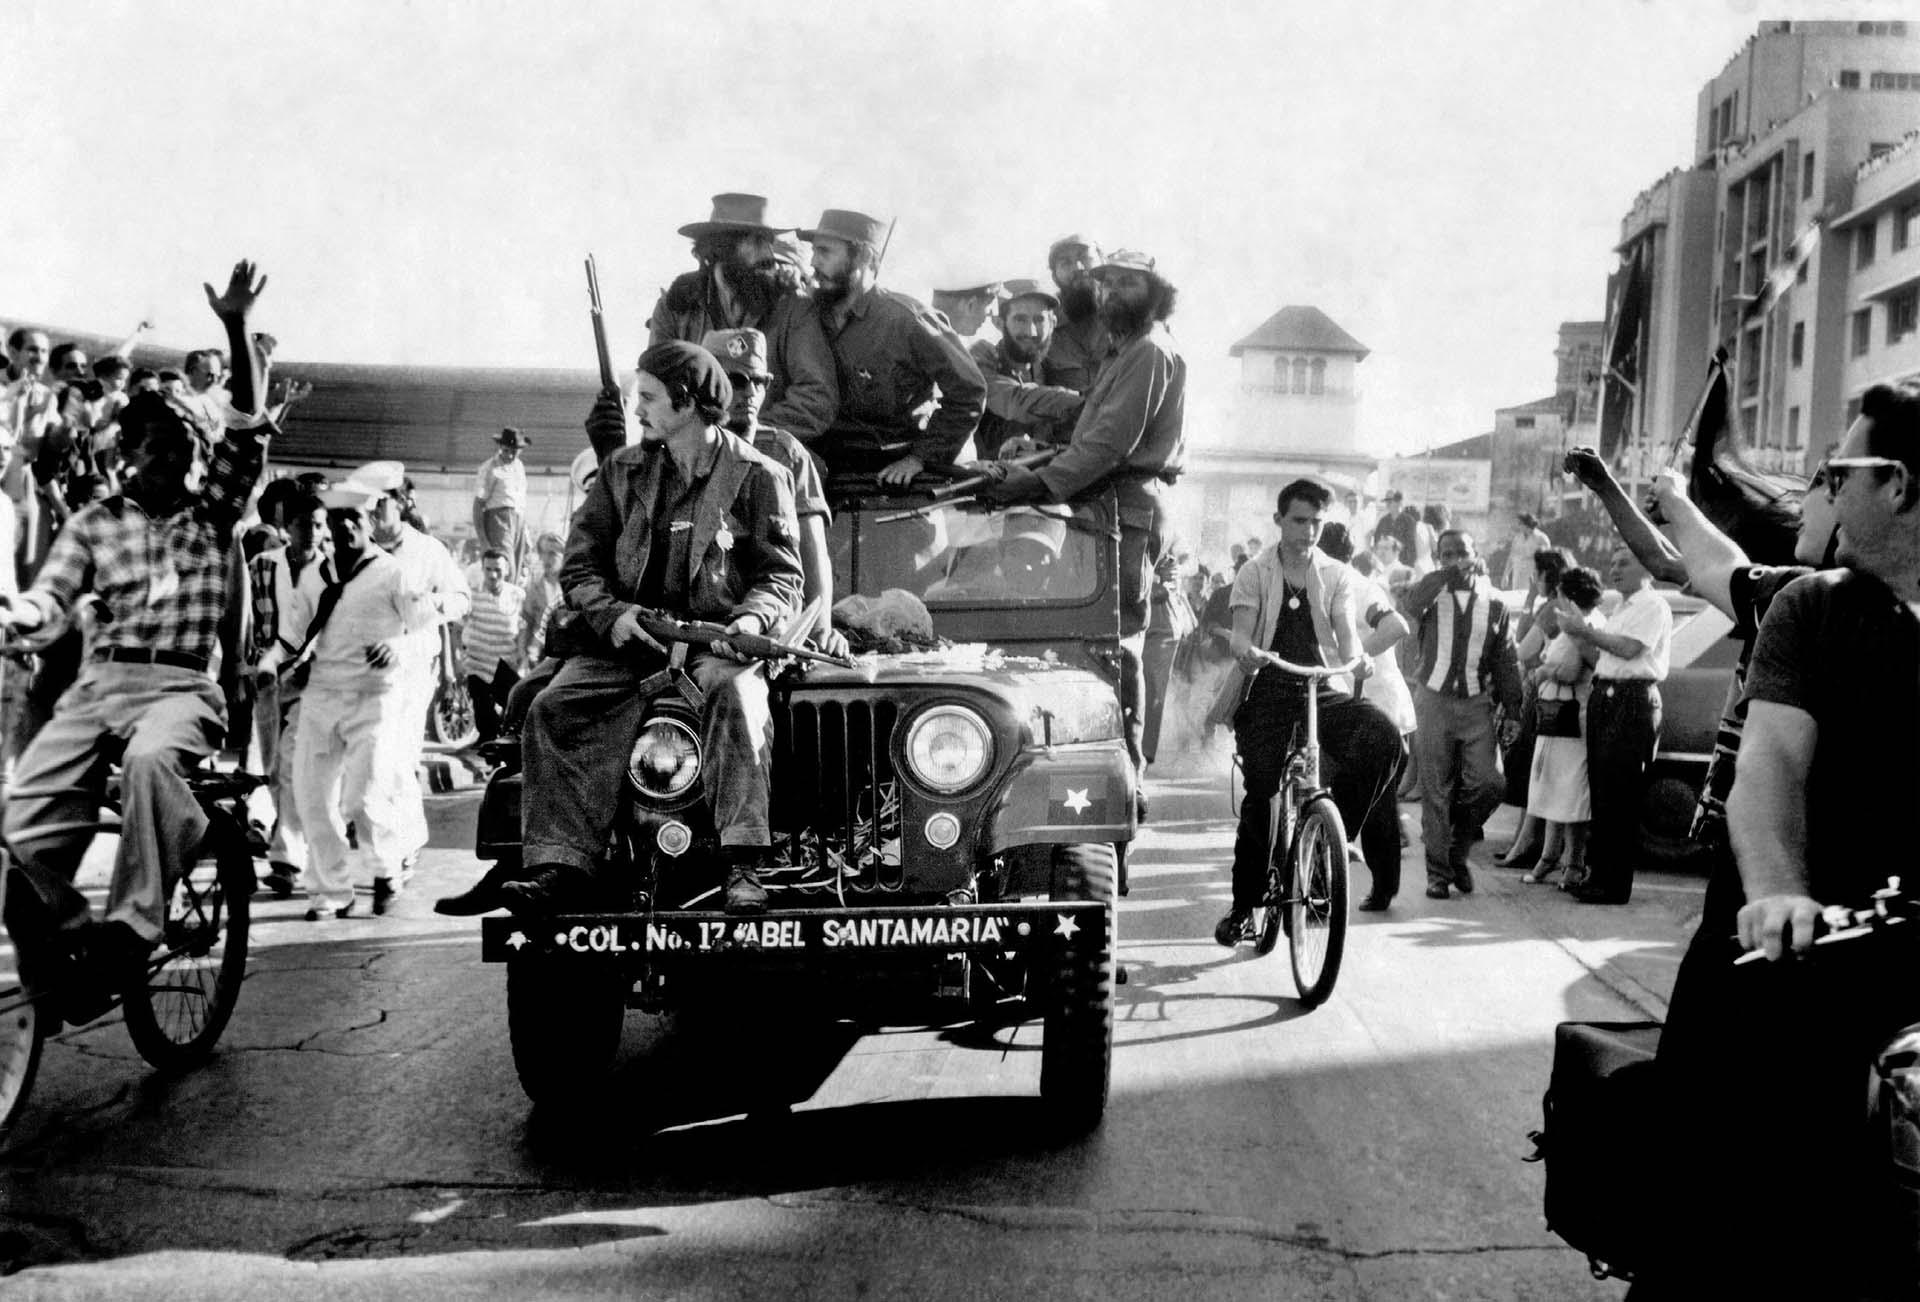 Fidel Castro, al ingresar a La Haban junto a Camilo Cienfuegos (de sombrero, a la izquierda), el 8 de enero de 1959